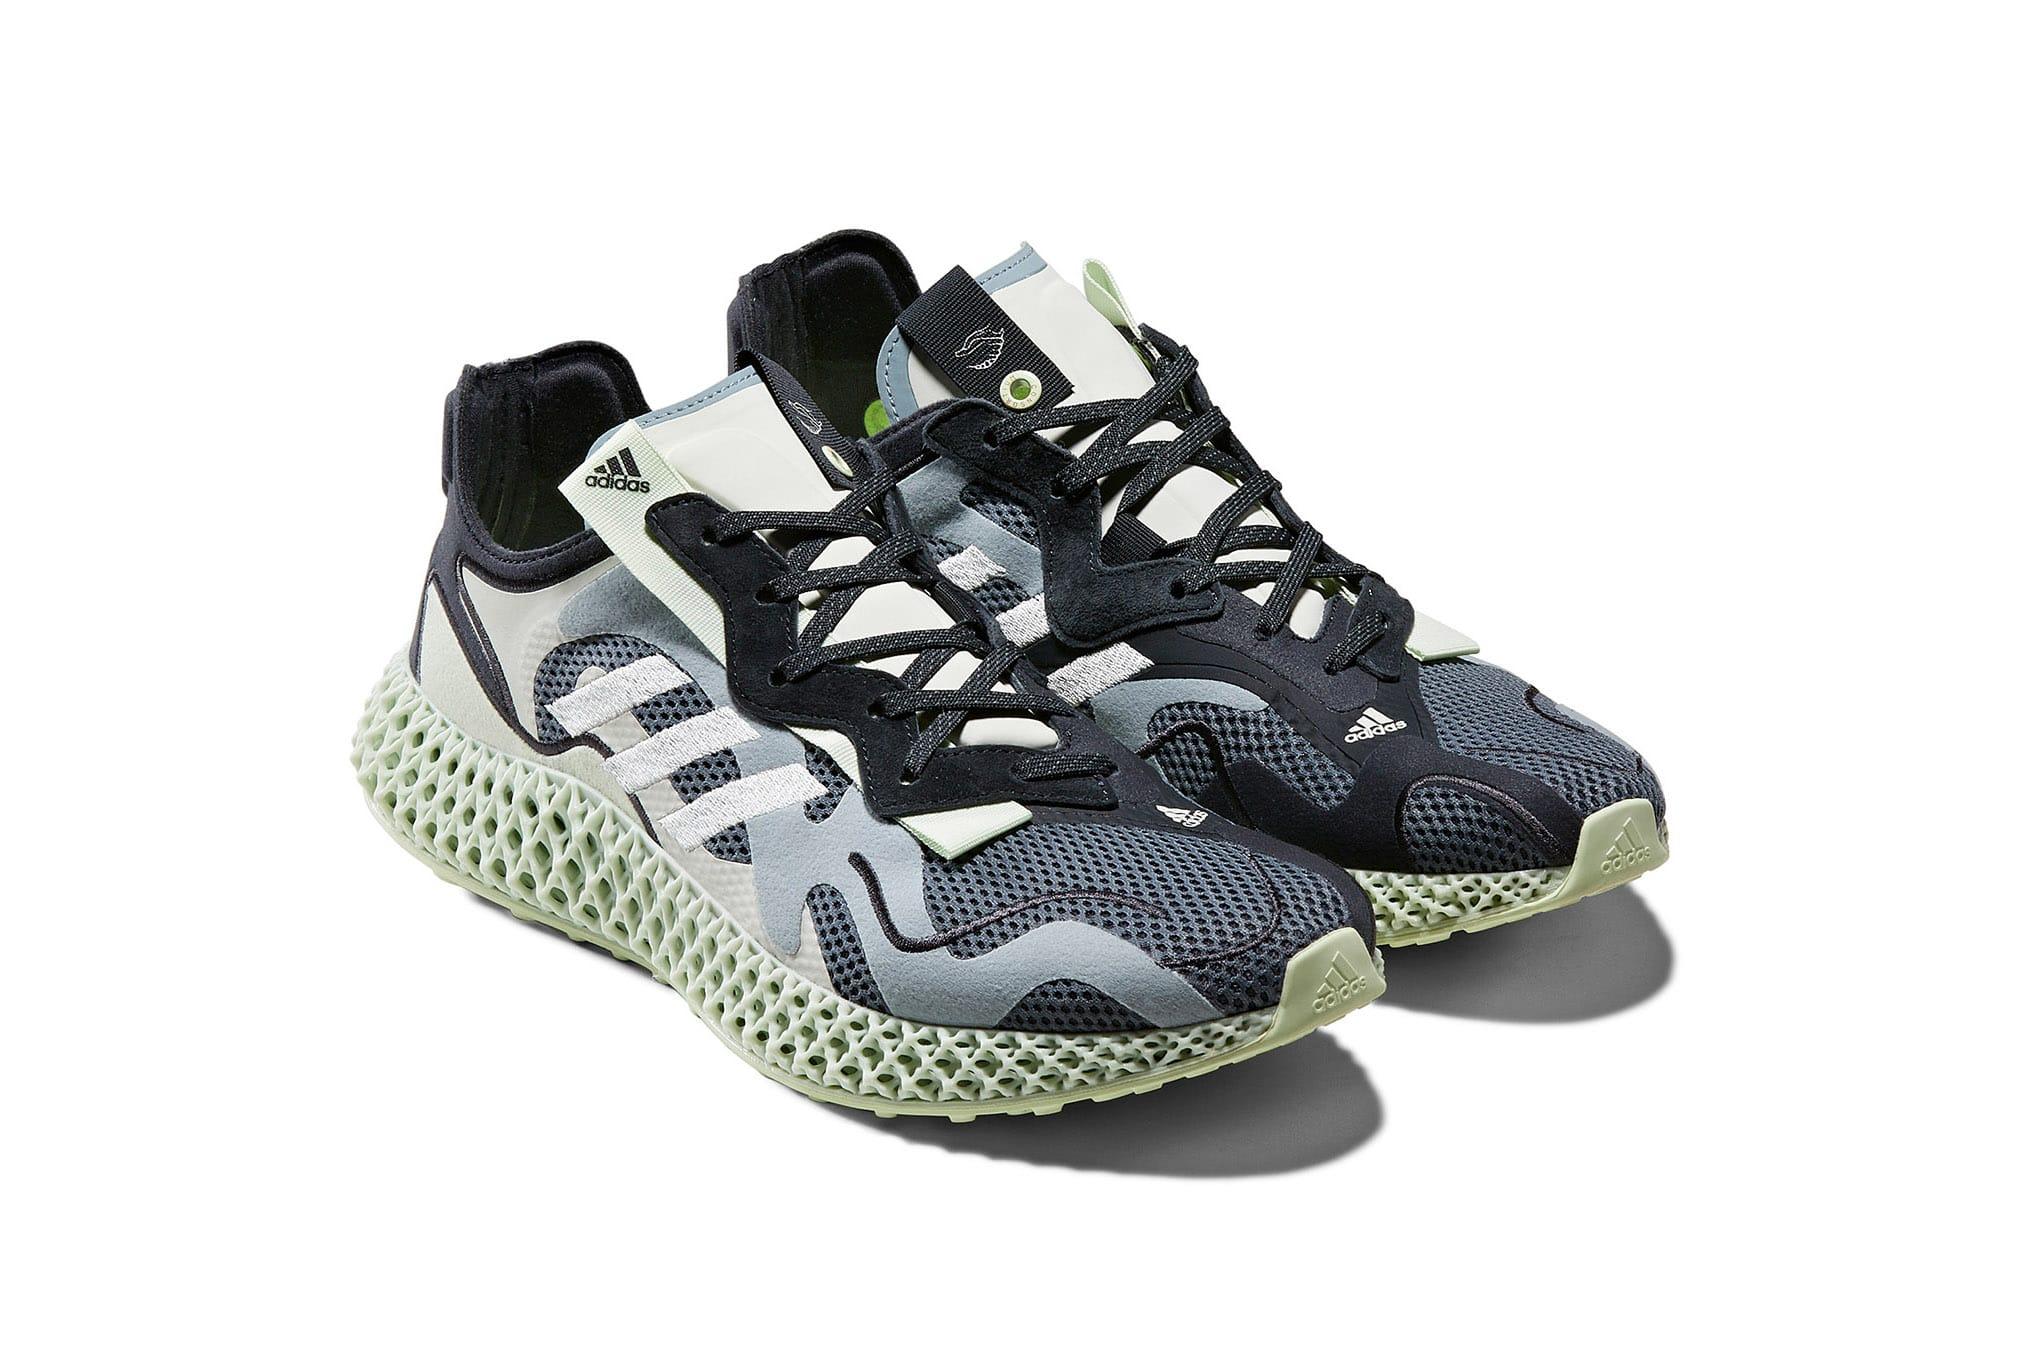 adidas runner 4d camo